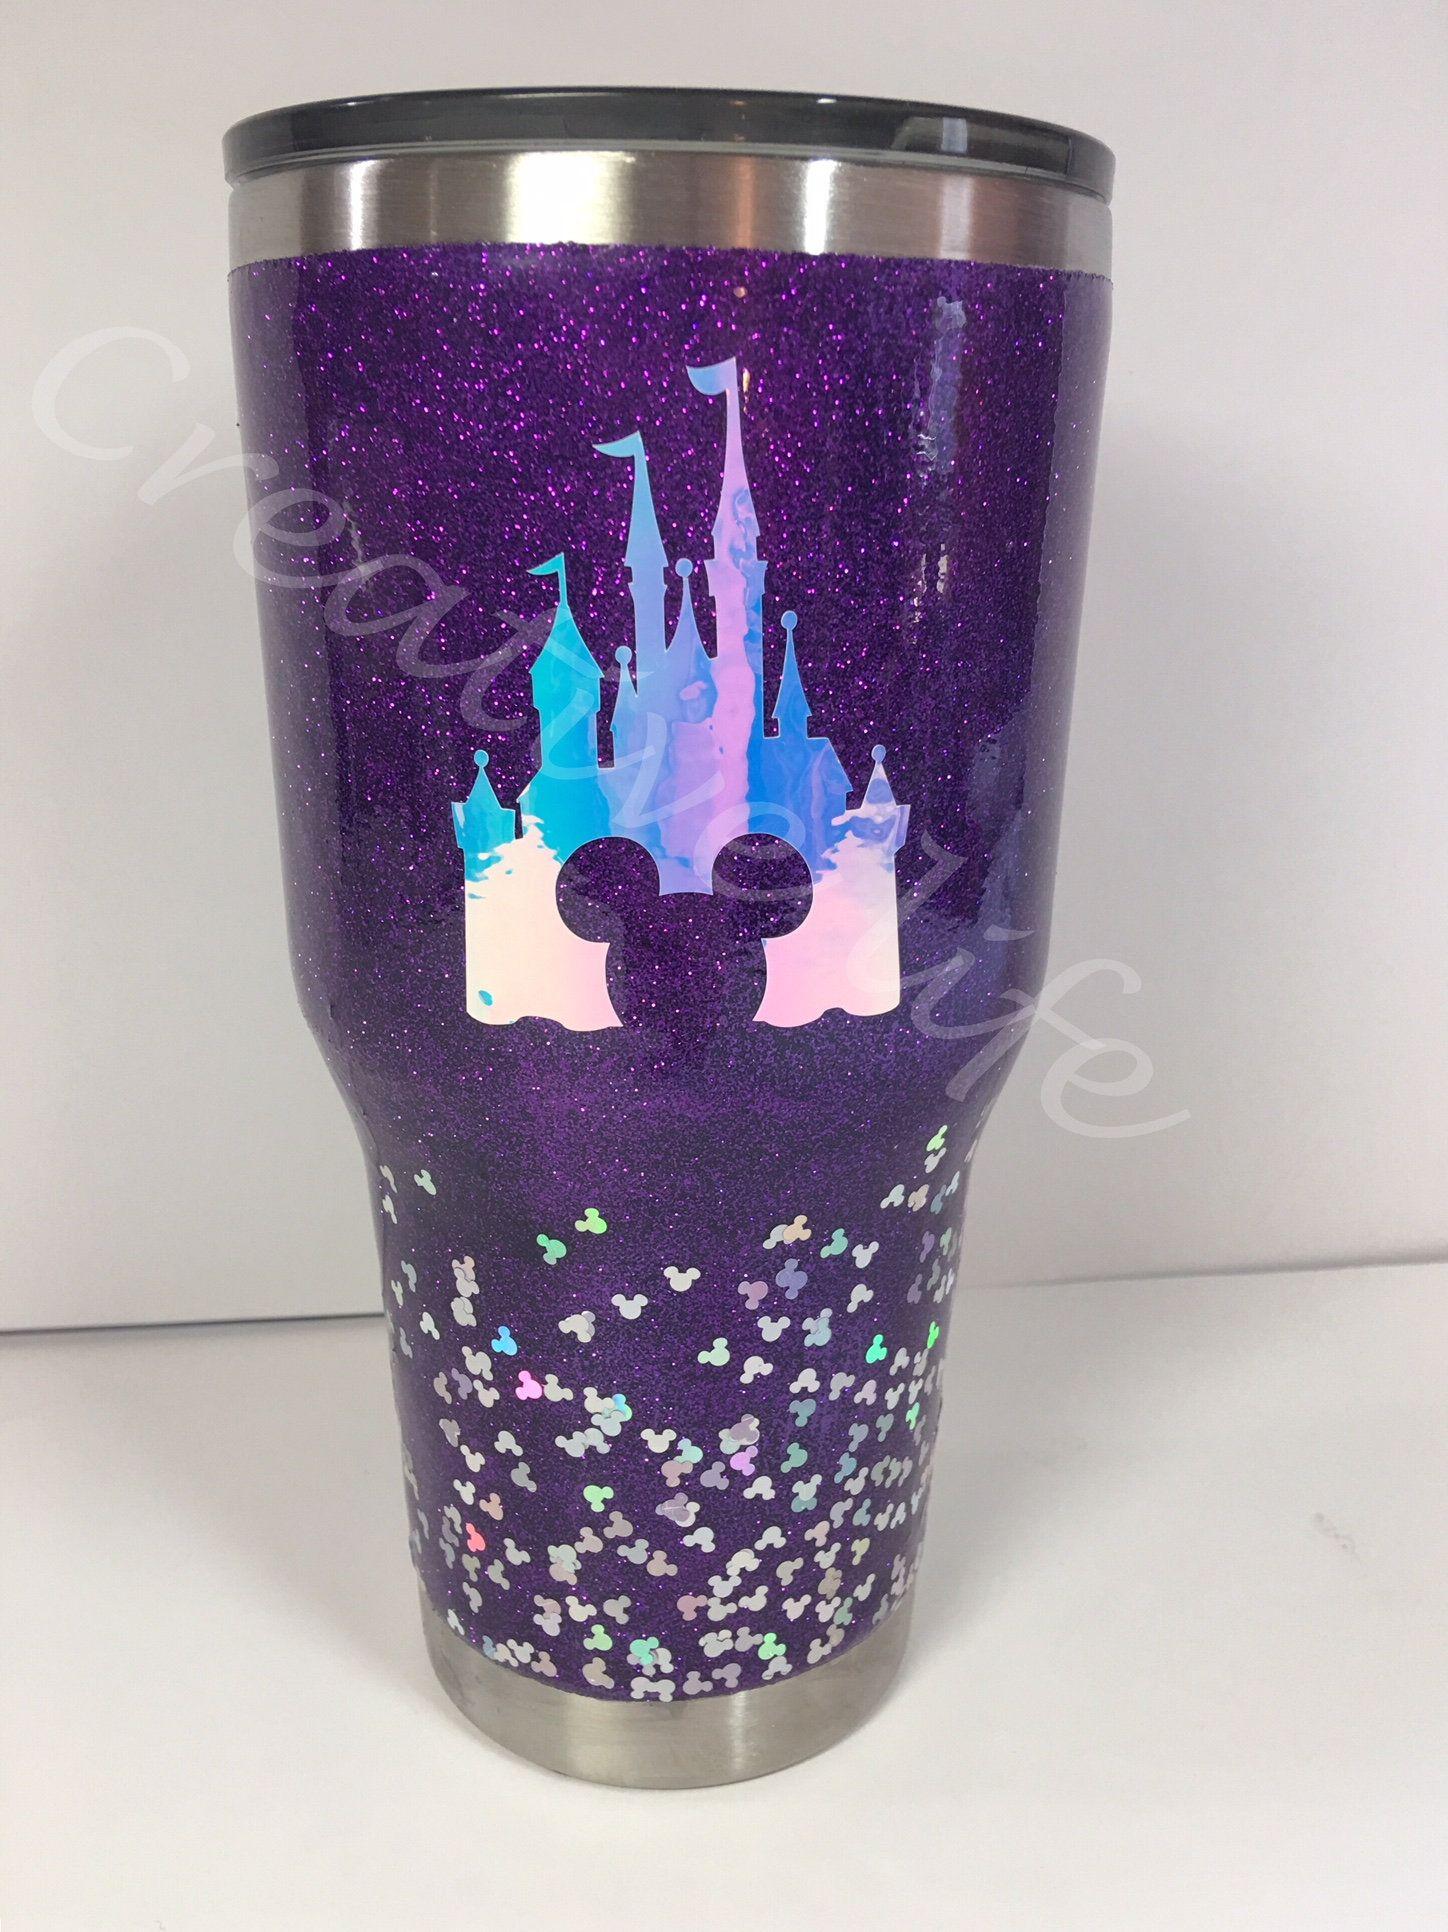 097b69821d4 Disney Tumbler Glittered/ Stainless Steel Tumbler/Glittered tumbler/ Two  toned Glittered Ombre tumbler/Disney glittered tumbler, Disney cup by ...